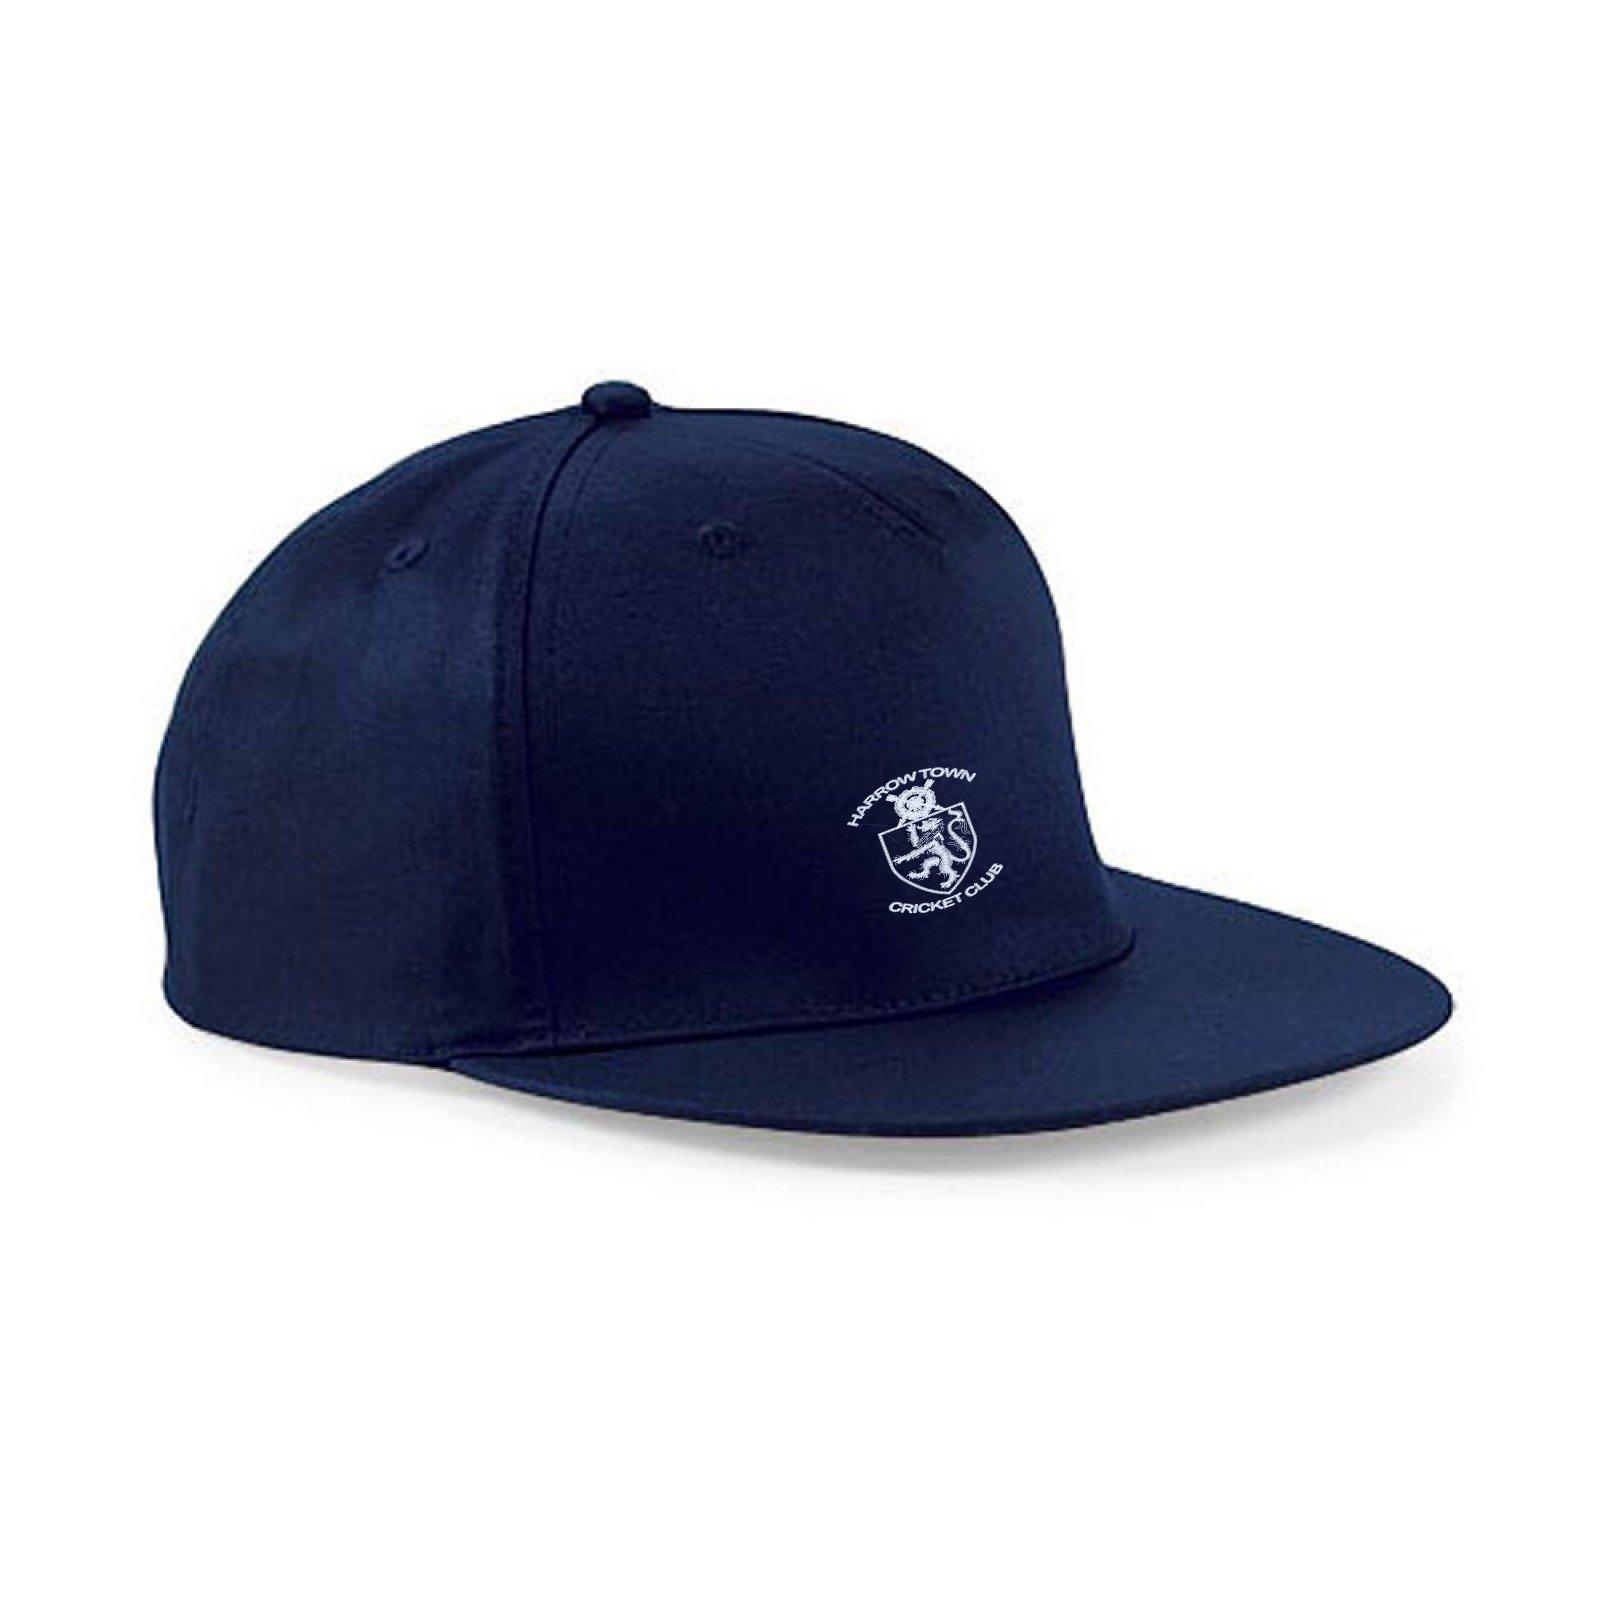 Harrow Town CC Adidas Navy Snapback Hat